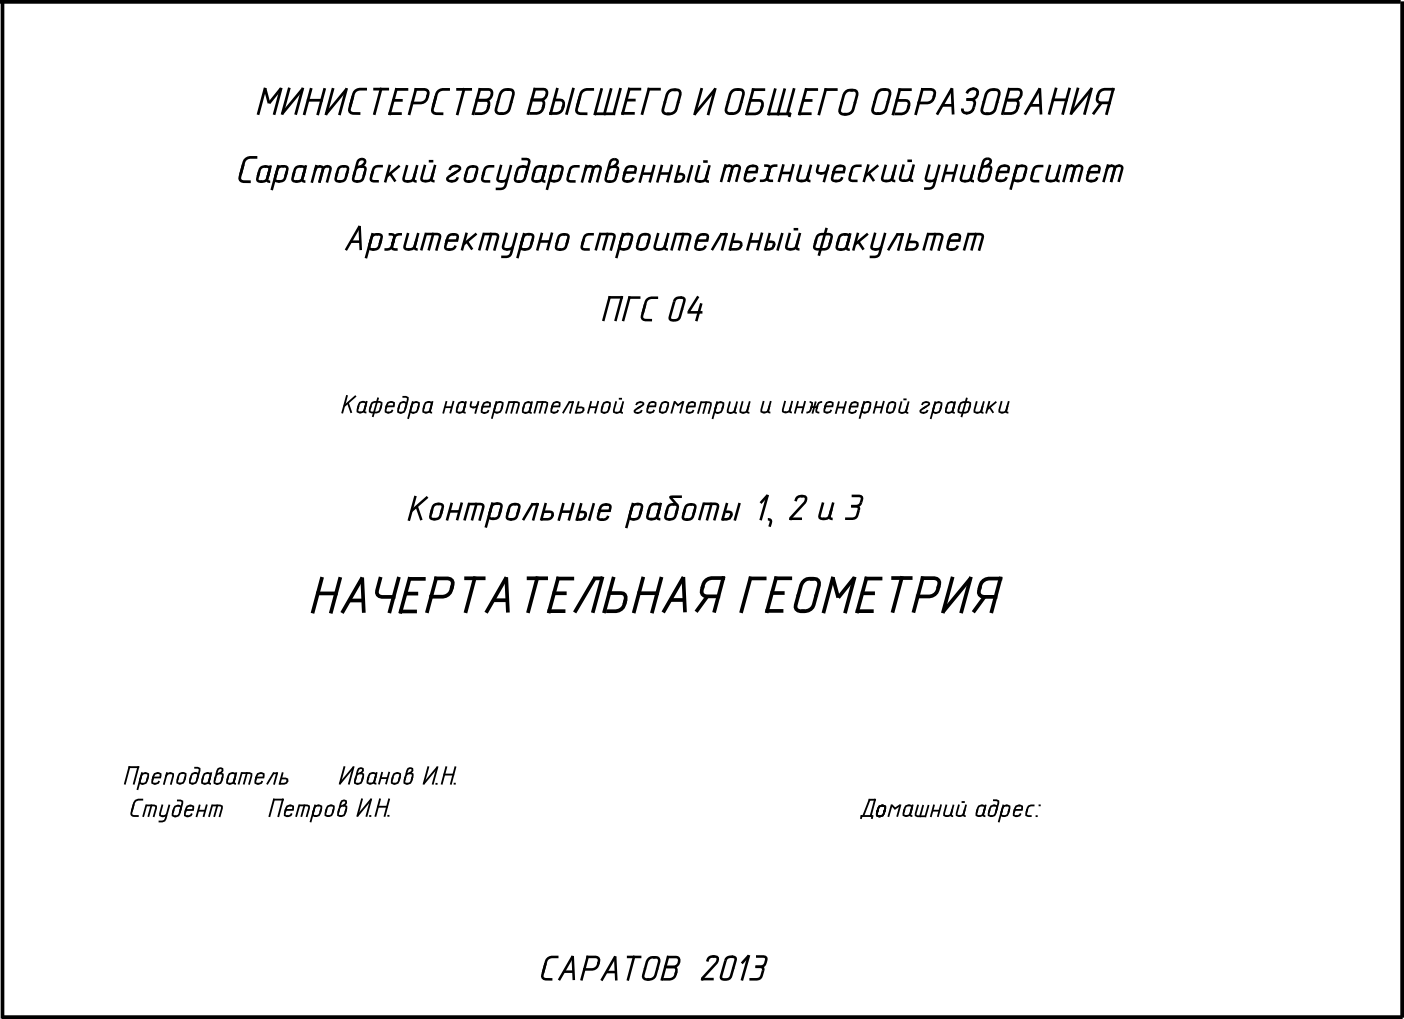 как сделать титульный лист для реферата образец